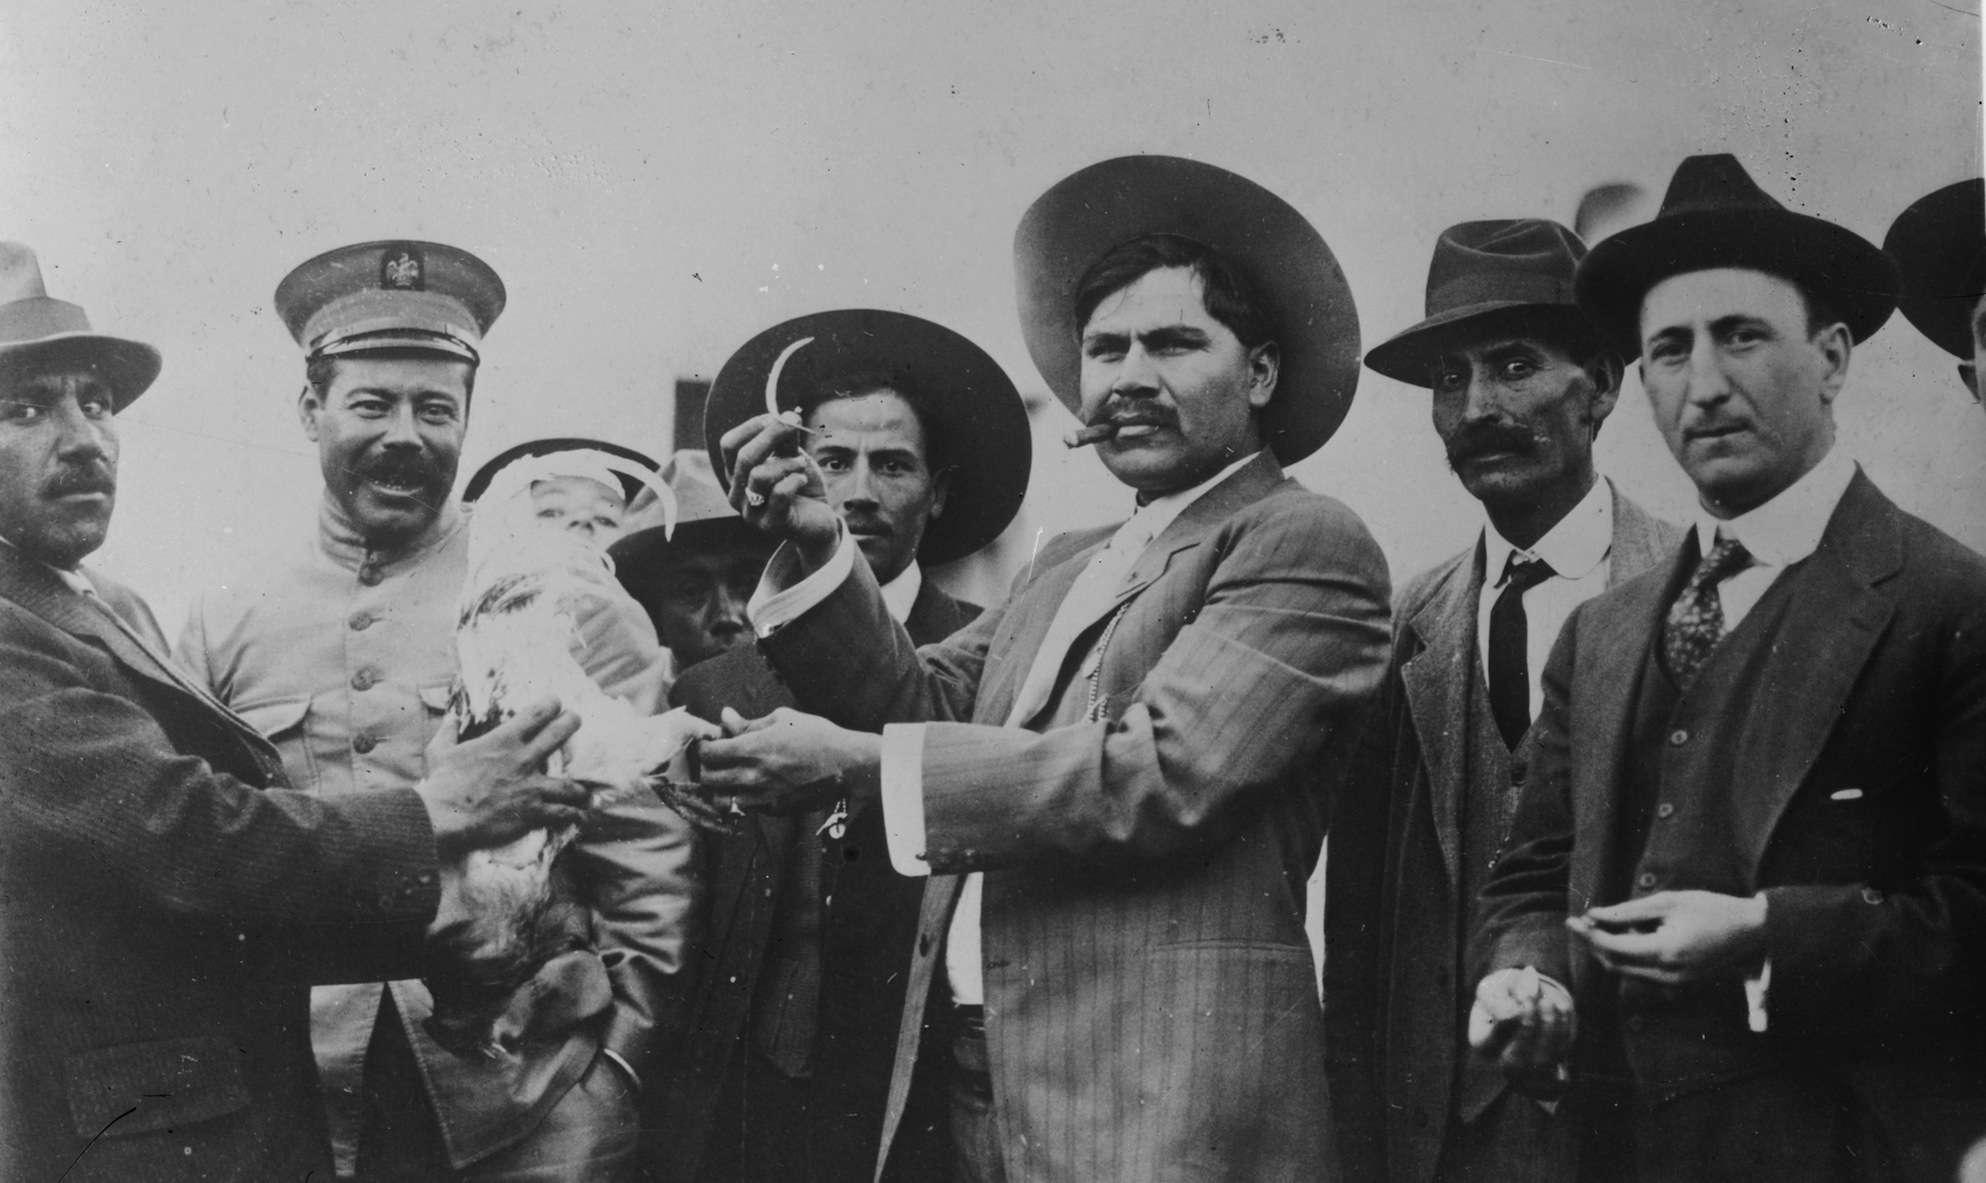 Pancho Villa (left) and chief executioner Rodolfo Fierro, known as el Carnicero